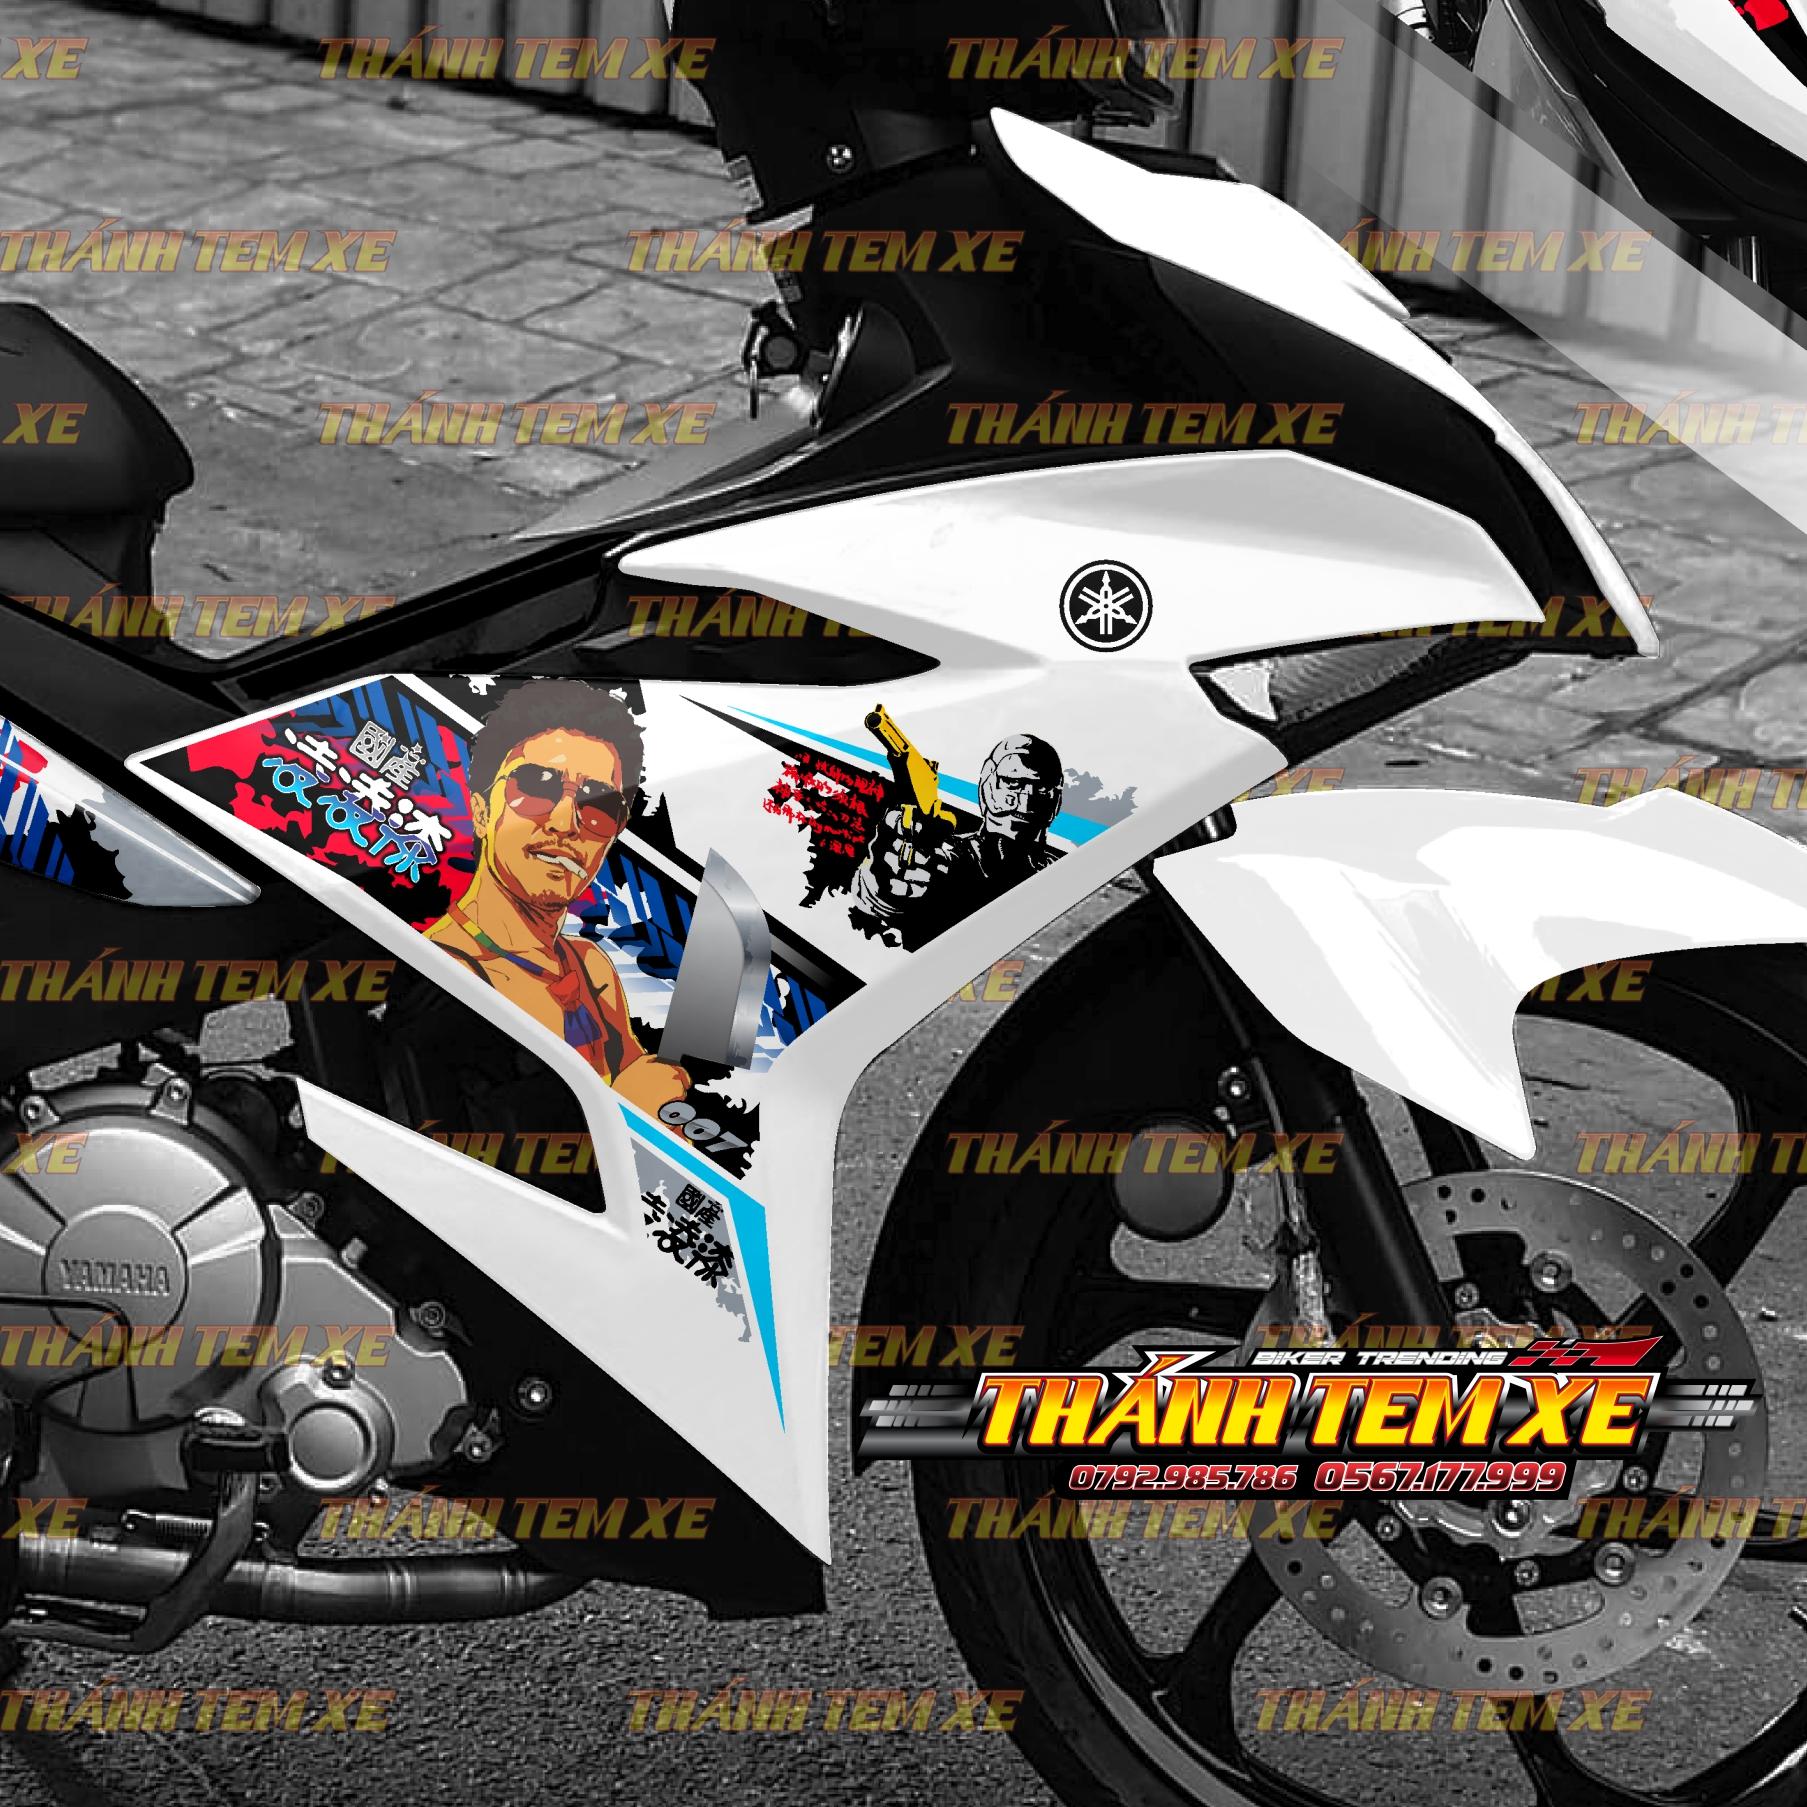 Bộ tem dán trang trí dành cho xe Exciter 150 màu trắng mẫu Quốc Sản 007